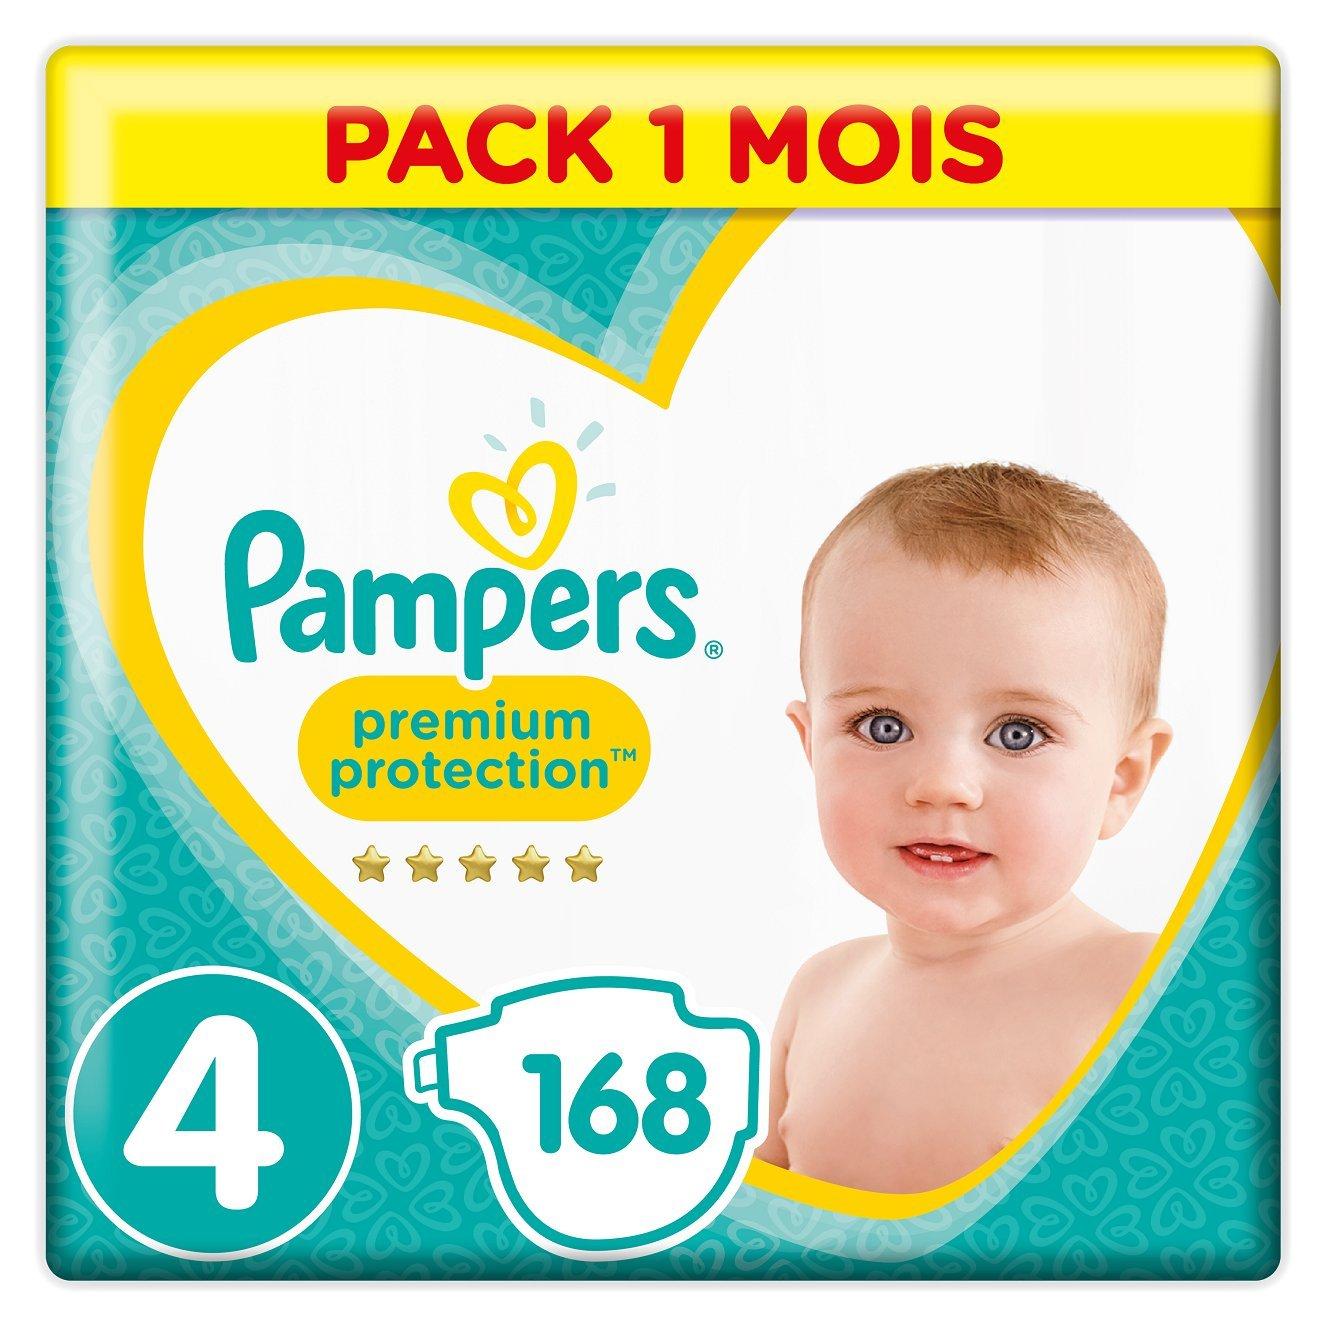 Pampers - Protección Premium - Pañales Tamaño 4 (9-14 / 8-16